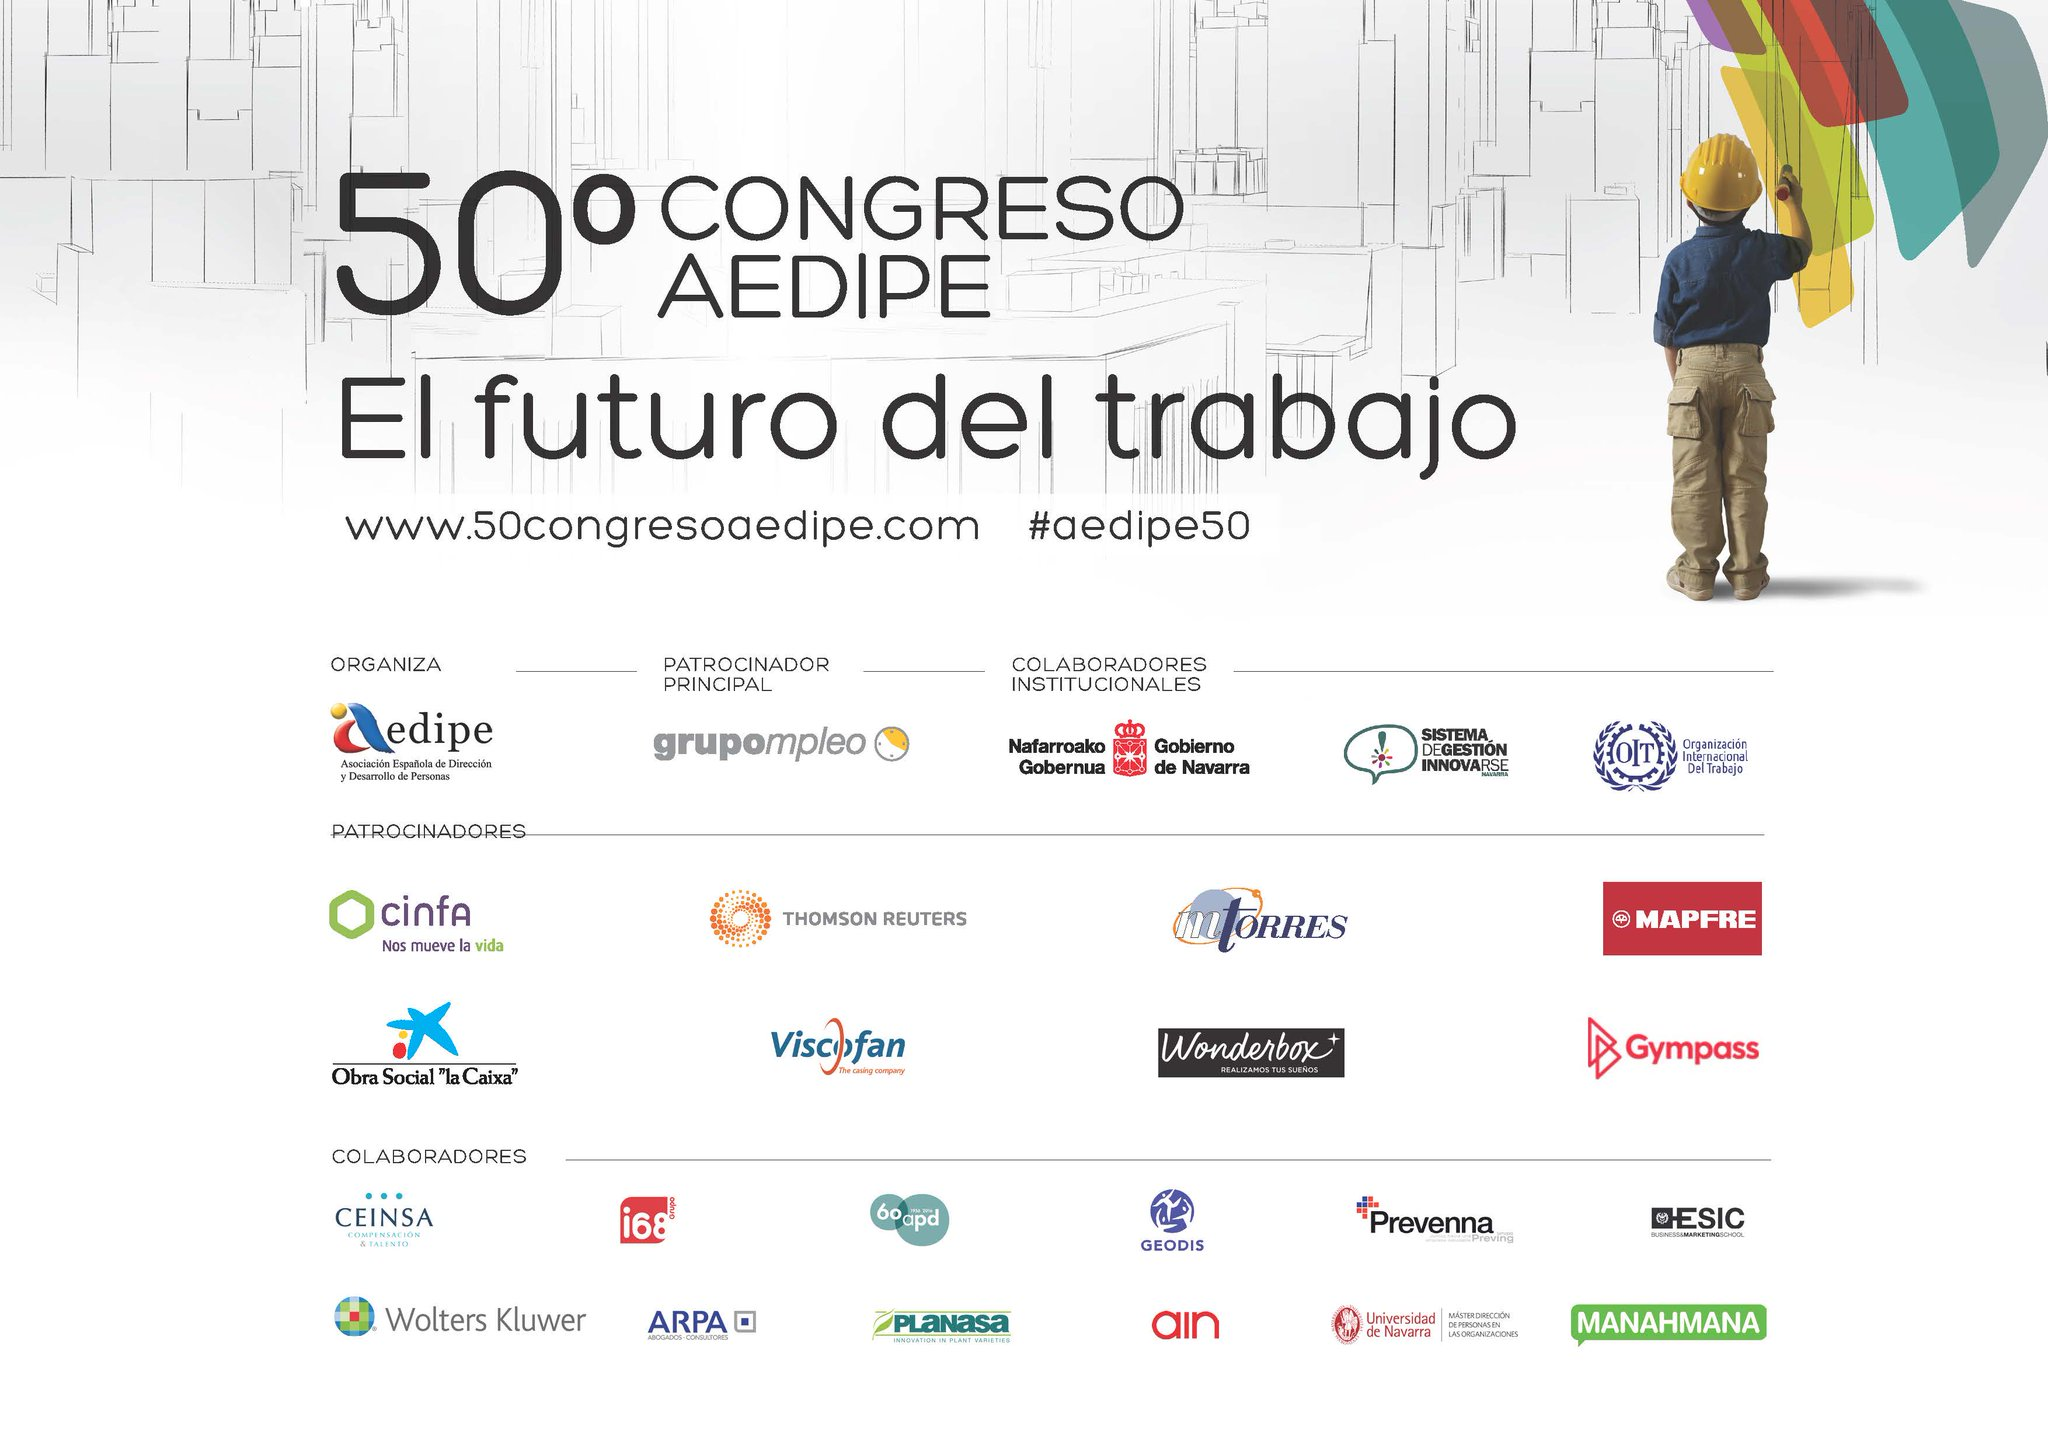 """GRACIAS de nuevo. Sois parte de """"El futuro del trabajo""""  #aedipe50 https://t.co/Hd0vRIfQj3"""